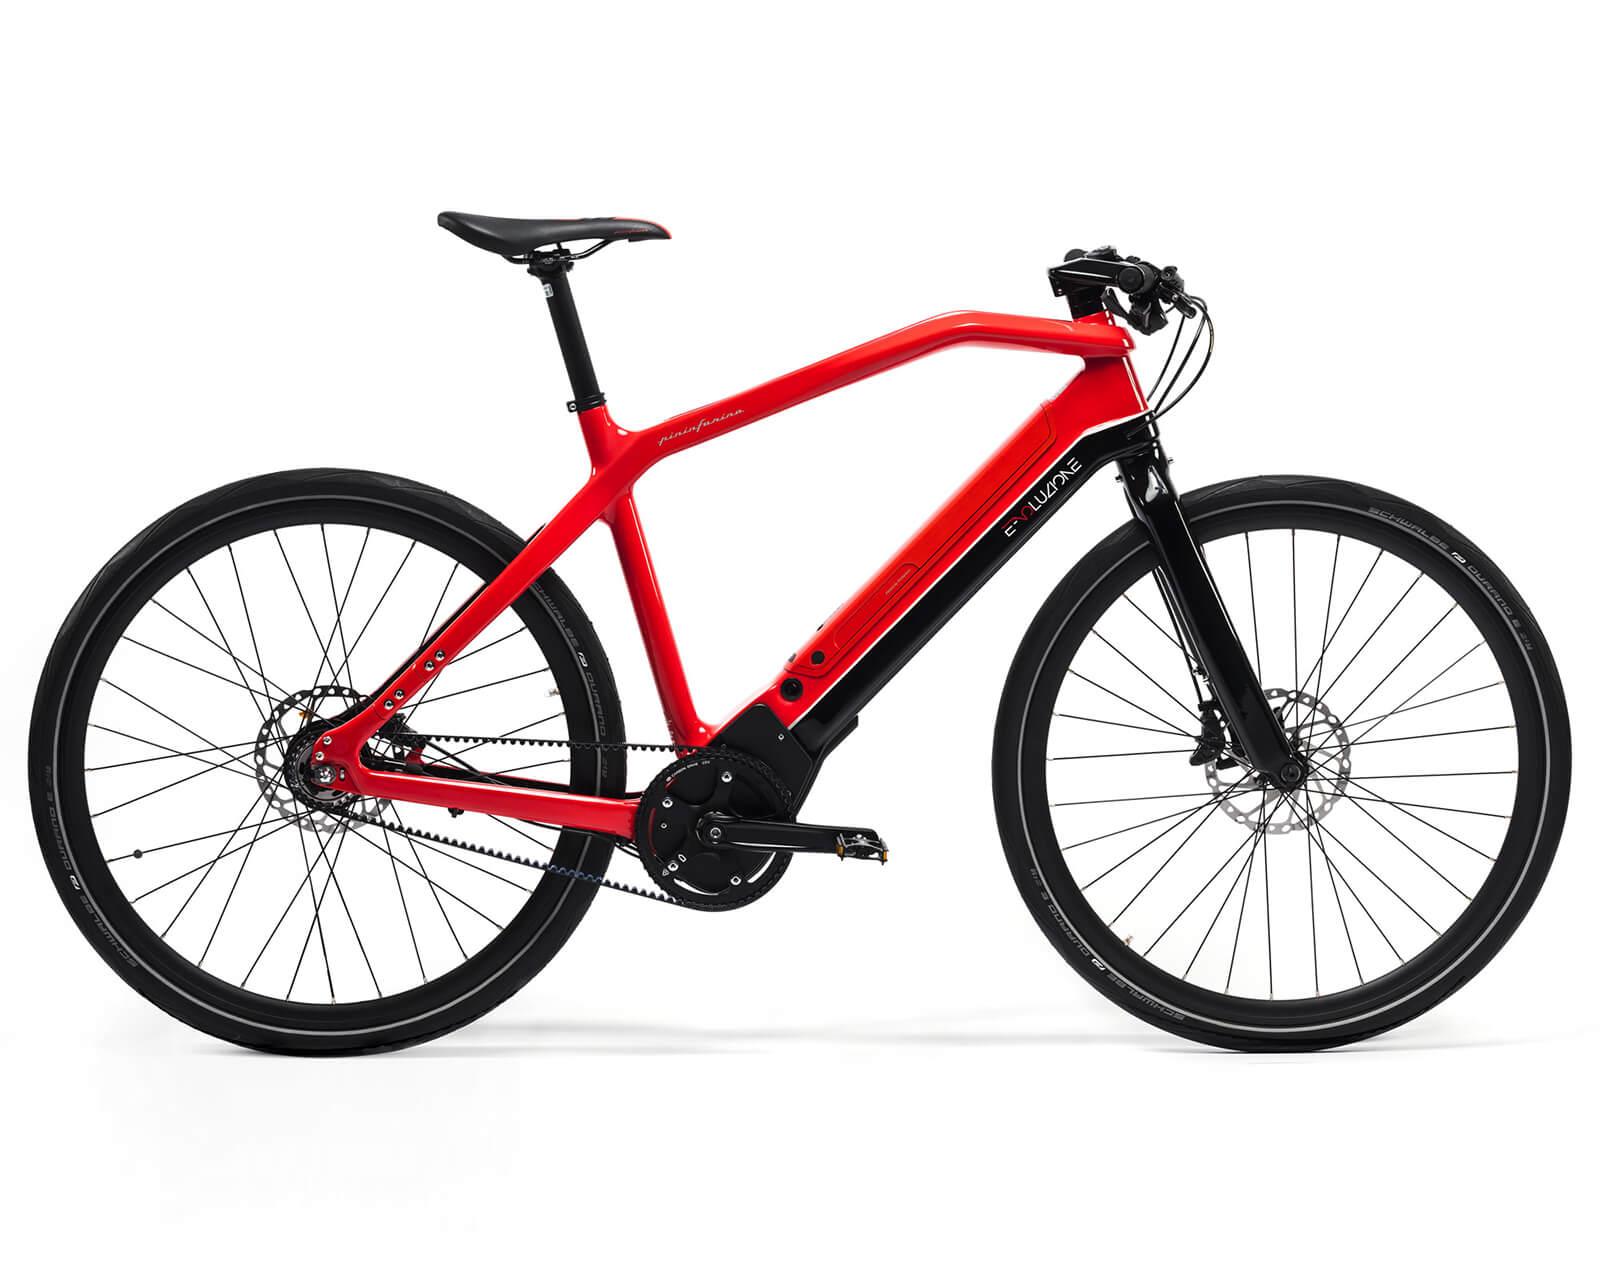 matteo nanni pinifarina e-bike biciclette